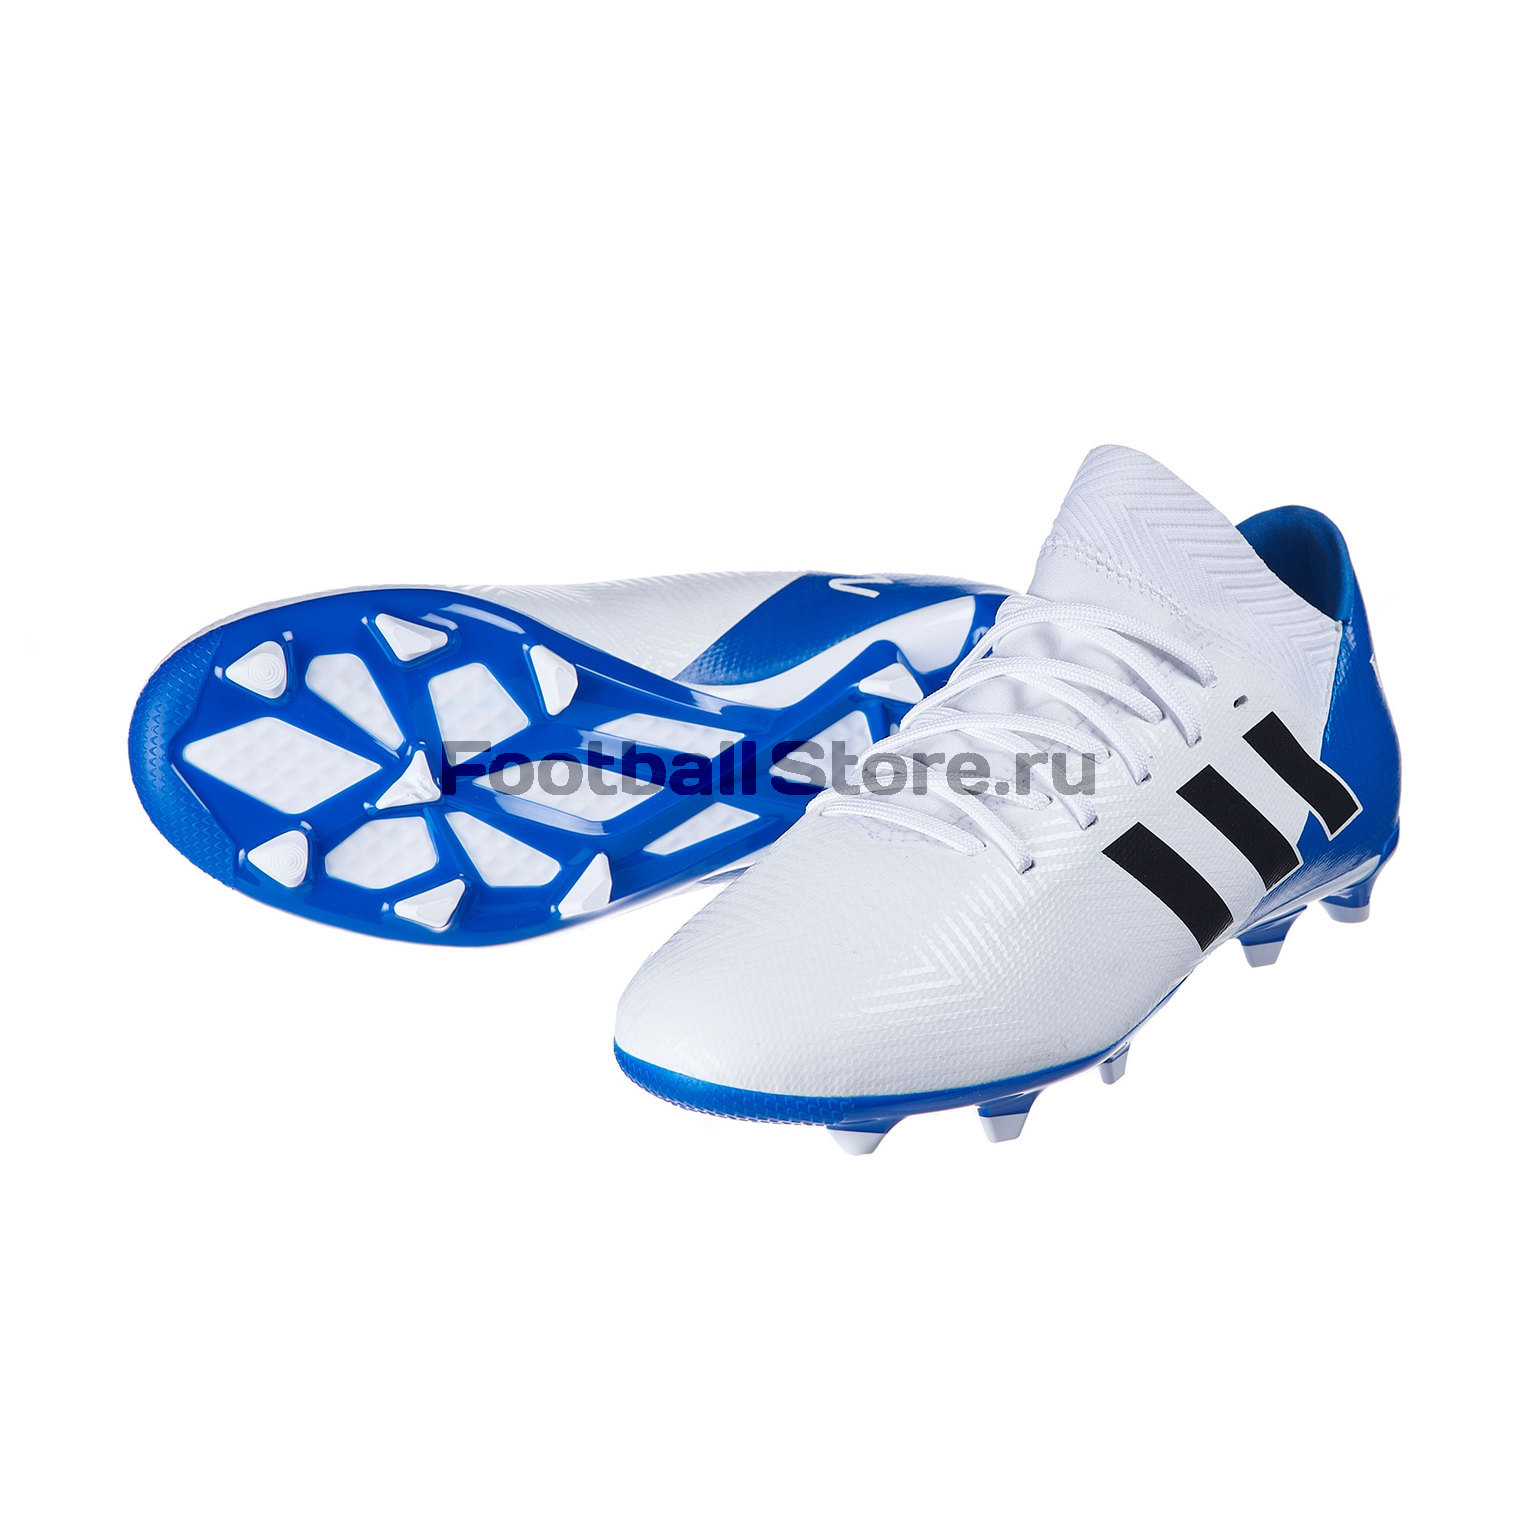 Бутсы детские Adidas Nemeziz Messi 18.1 FG DB2364 бутсы adidas messi 16 2 fg aq3111